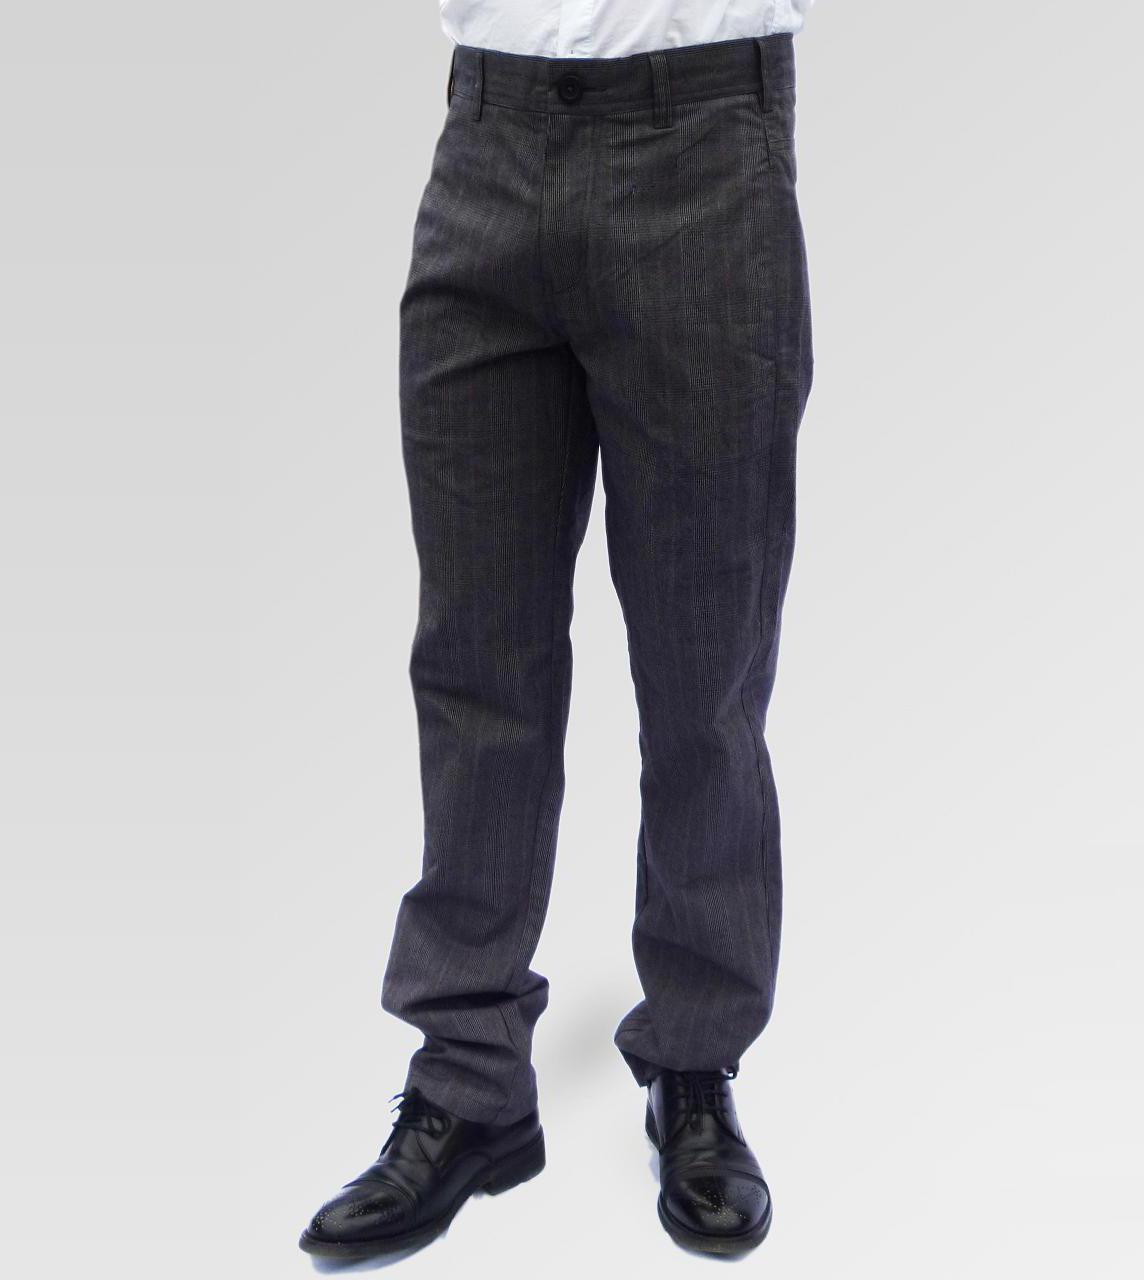 Повседневные брюки Outlooking K0001 2012